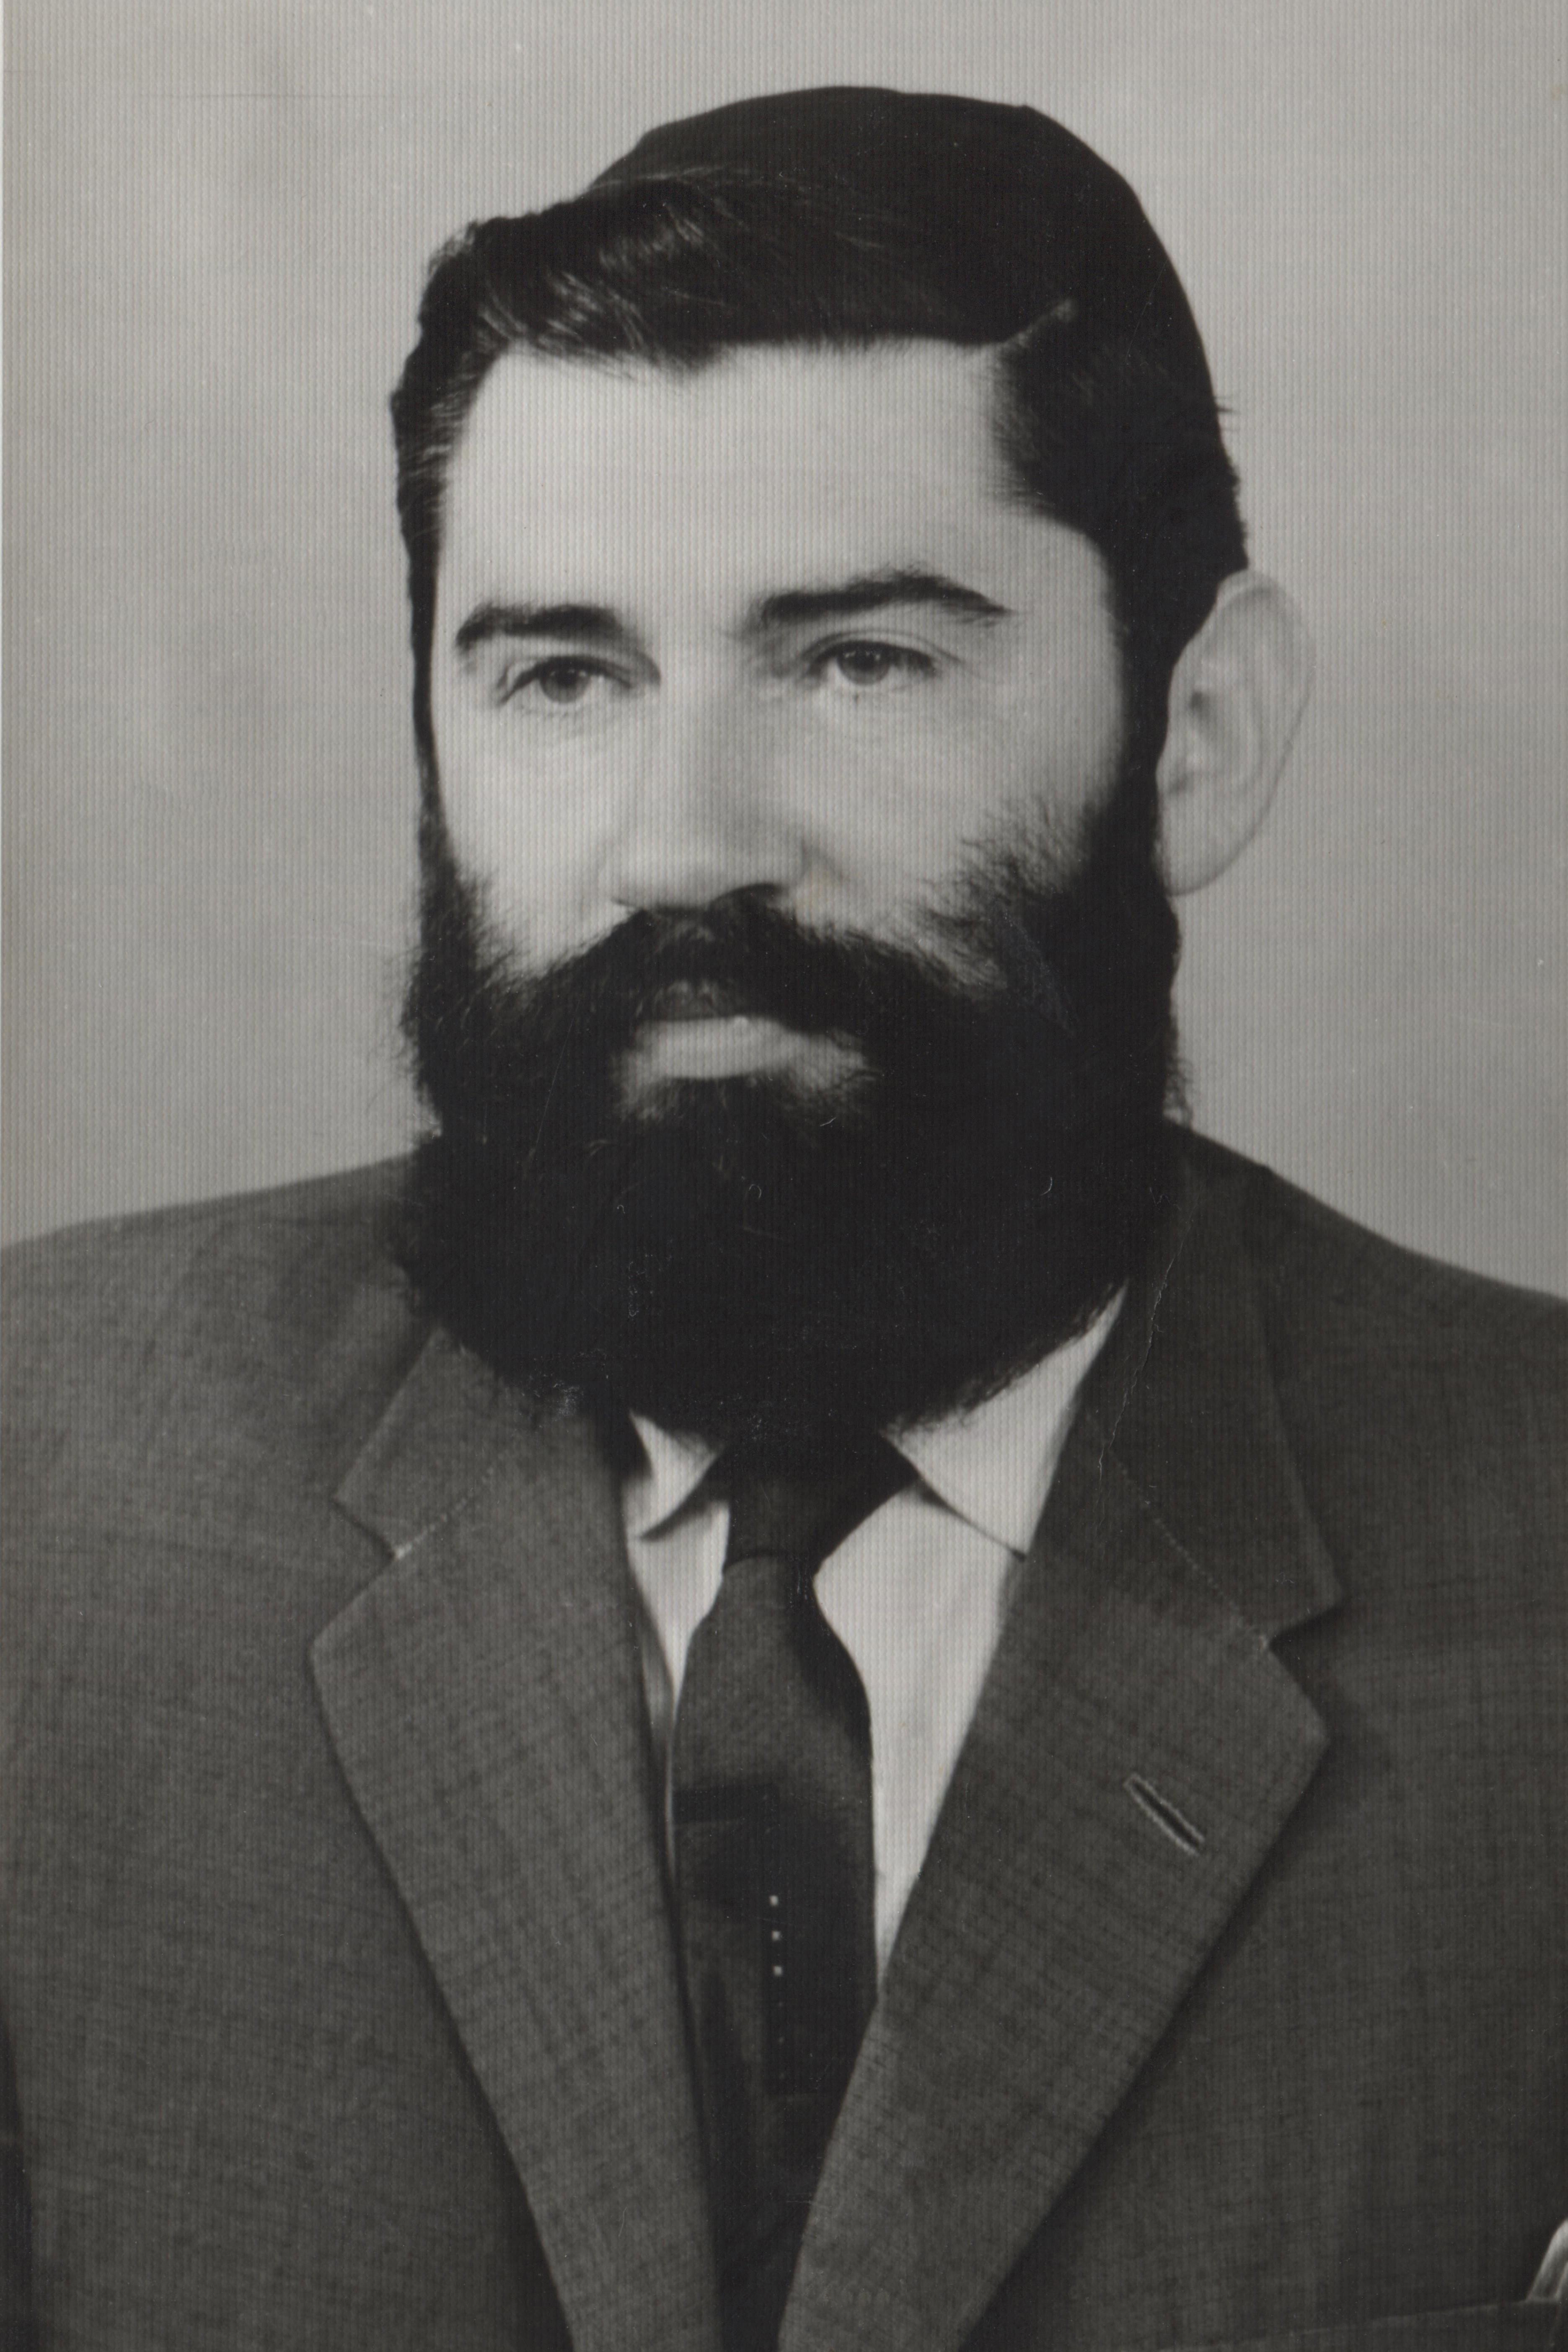 הרב מרדכי פרום